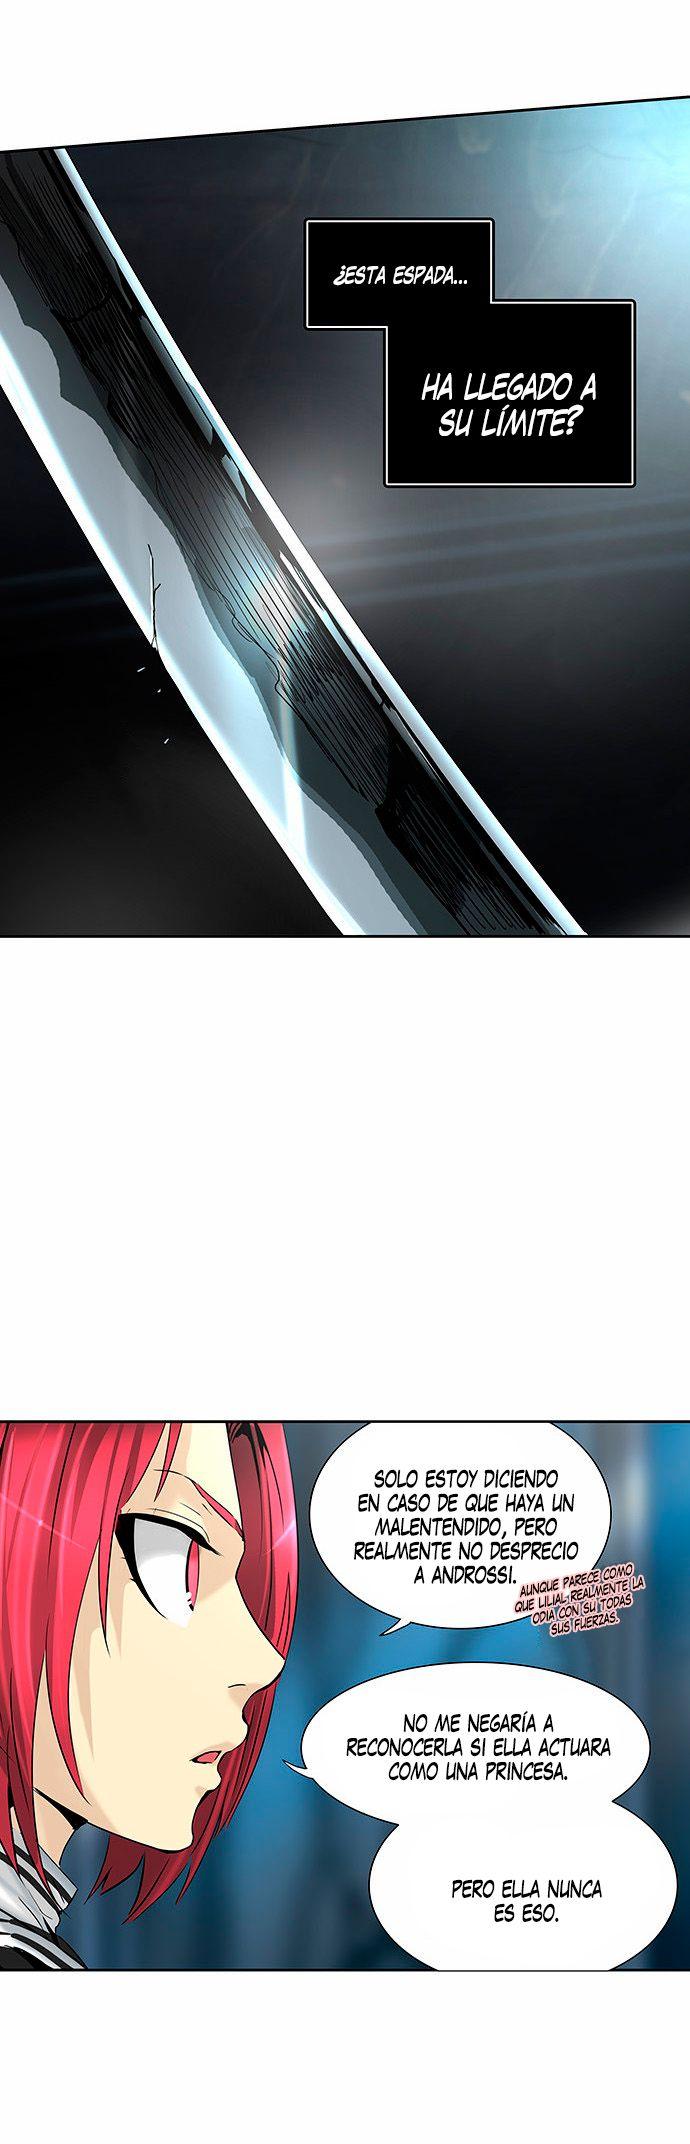 http://c5.ninemanga.com/es_manga/pic2/21/149/501713/4466f2c1e7eed04c491b8620b142ff72.jpg Page 44